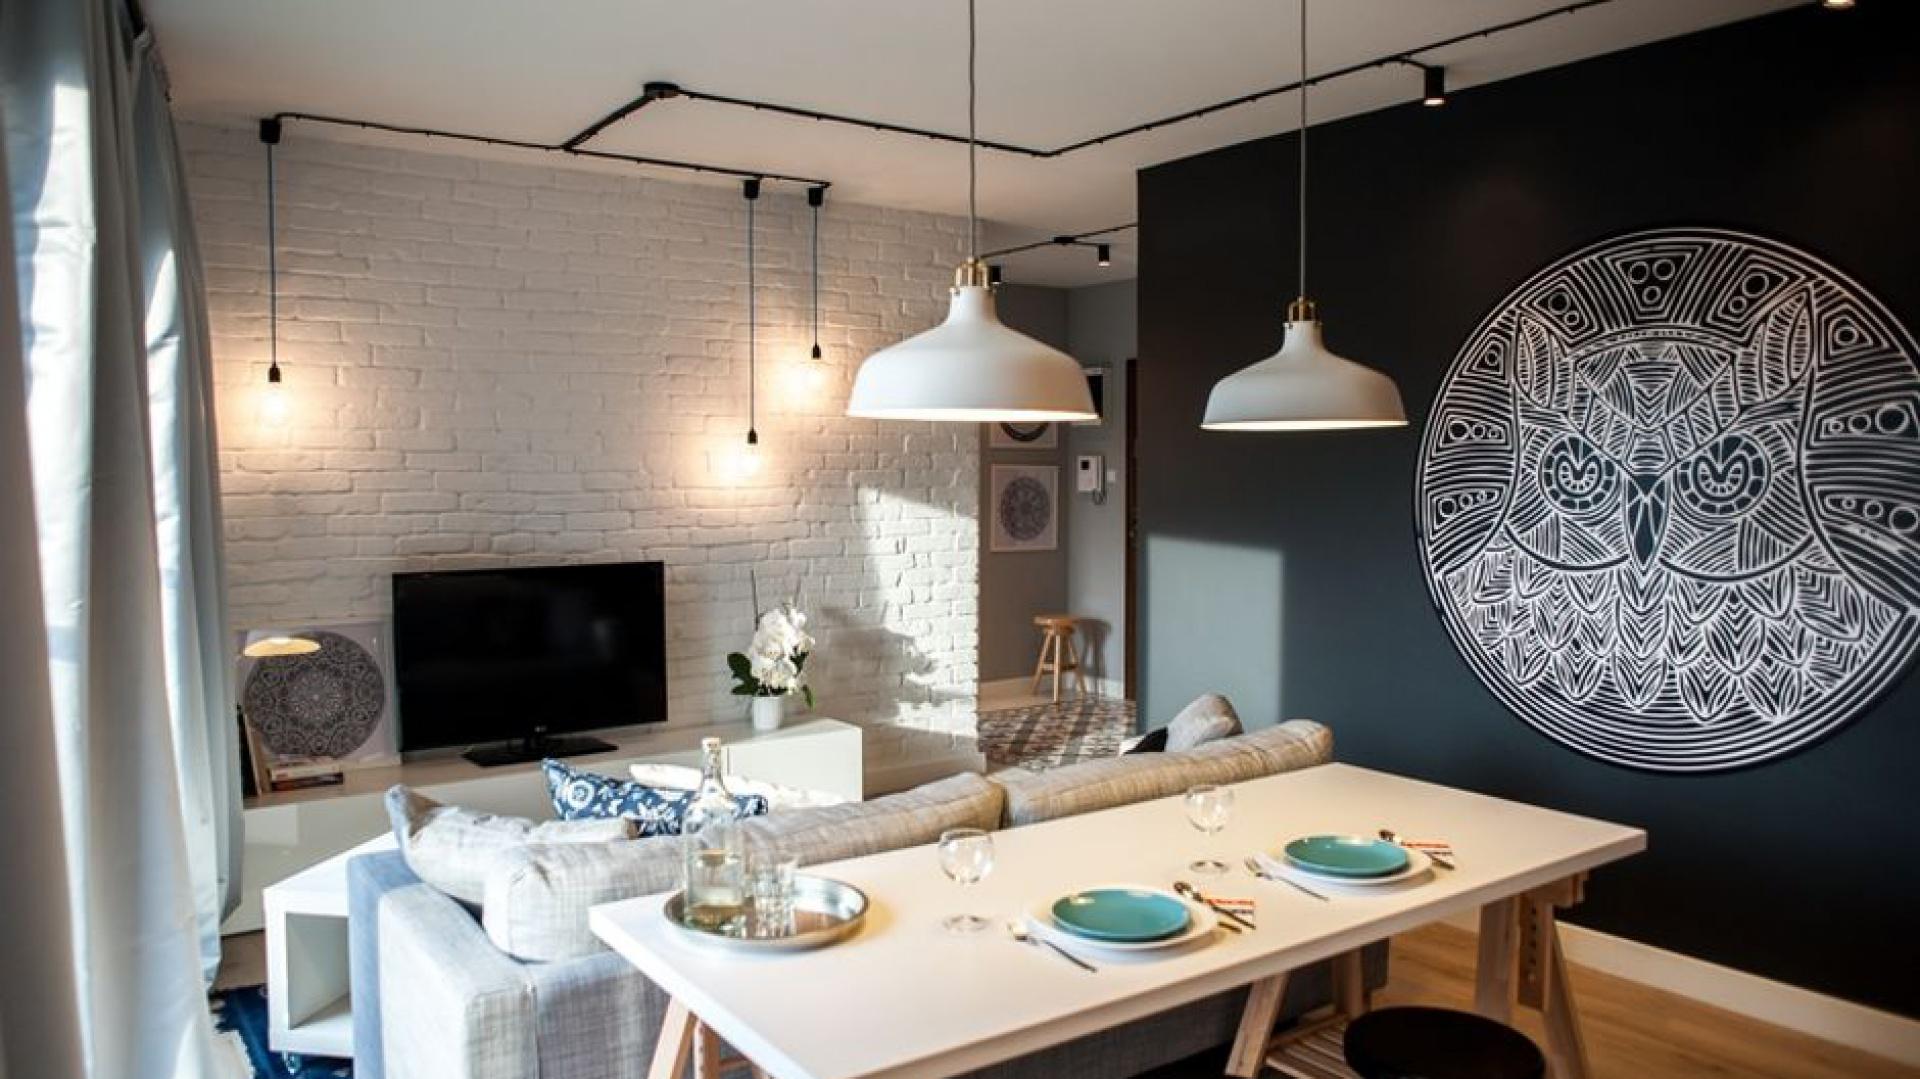 Najbardziej charakterystycznym elementem dekoracyjnym we wnętrzu jest mandala z motywem sowy na czarnej ścianie. Jest to wielkoformatowy nadruk na płycie PVC. Projekt: Raca Architekci. Fot. Adam Ościłowski.